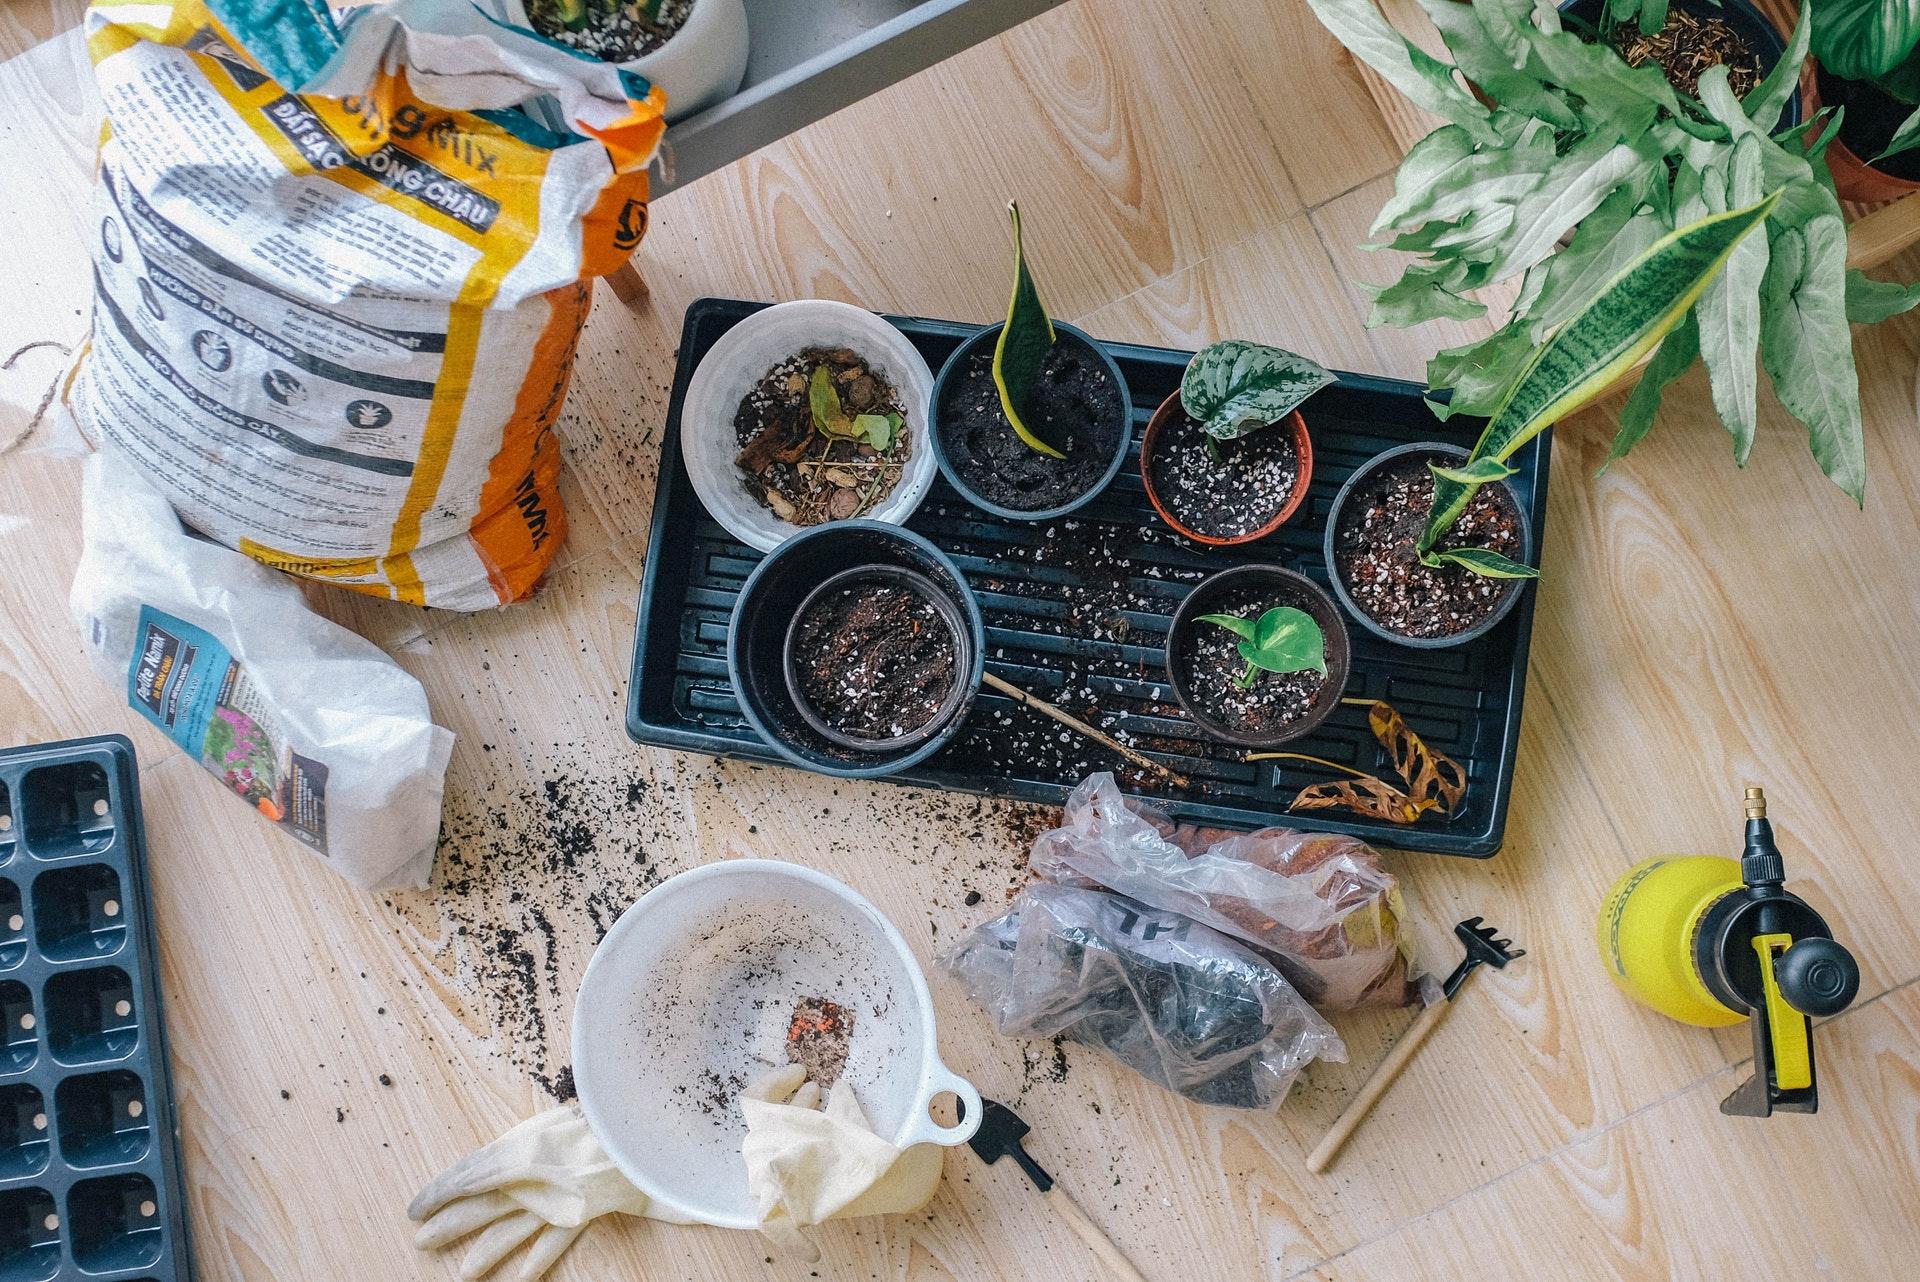 5 Tips For the 2021 Gardening Season